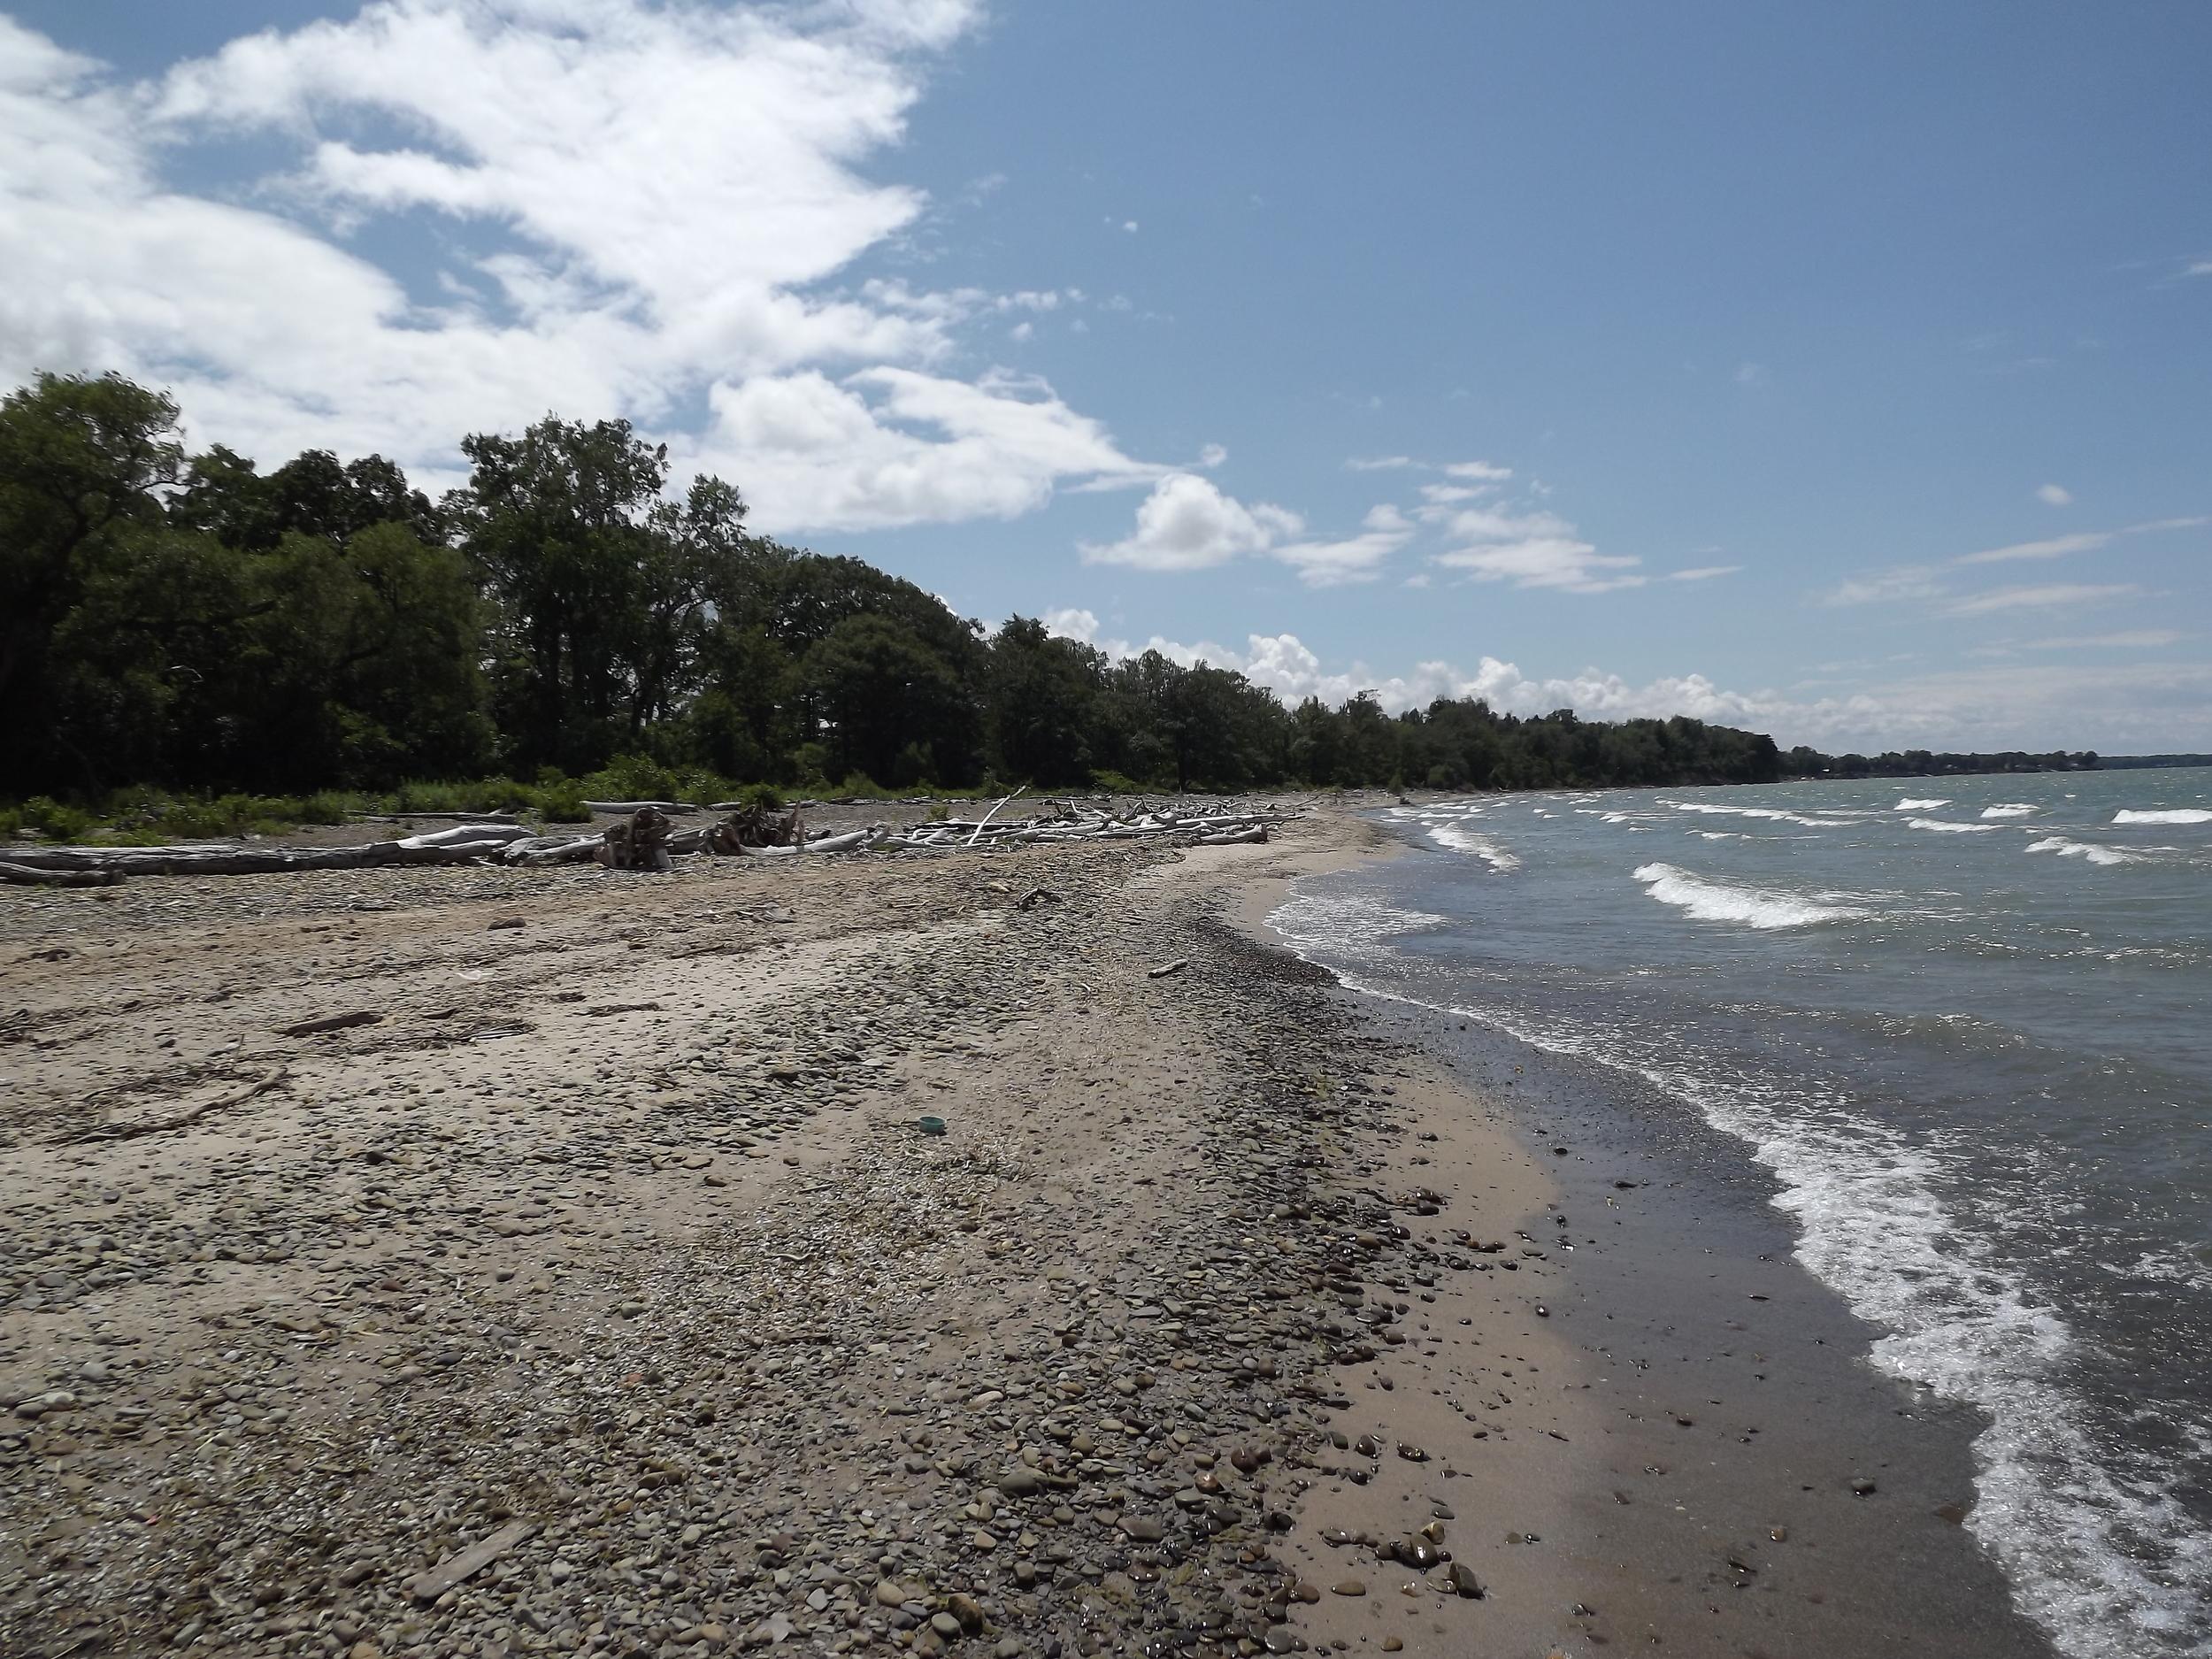 Beach near Canadaway Creek